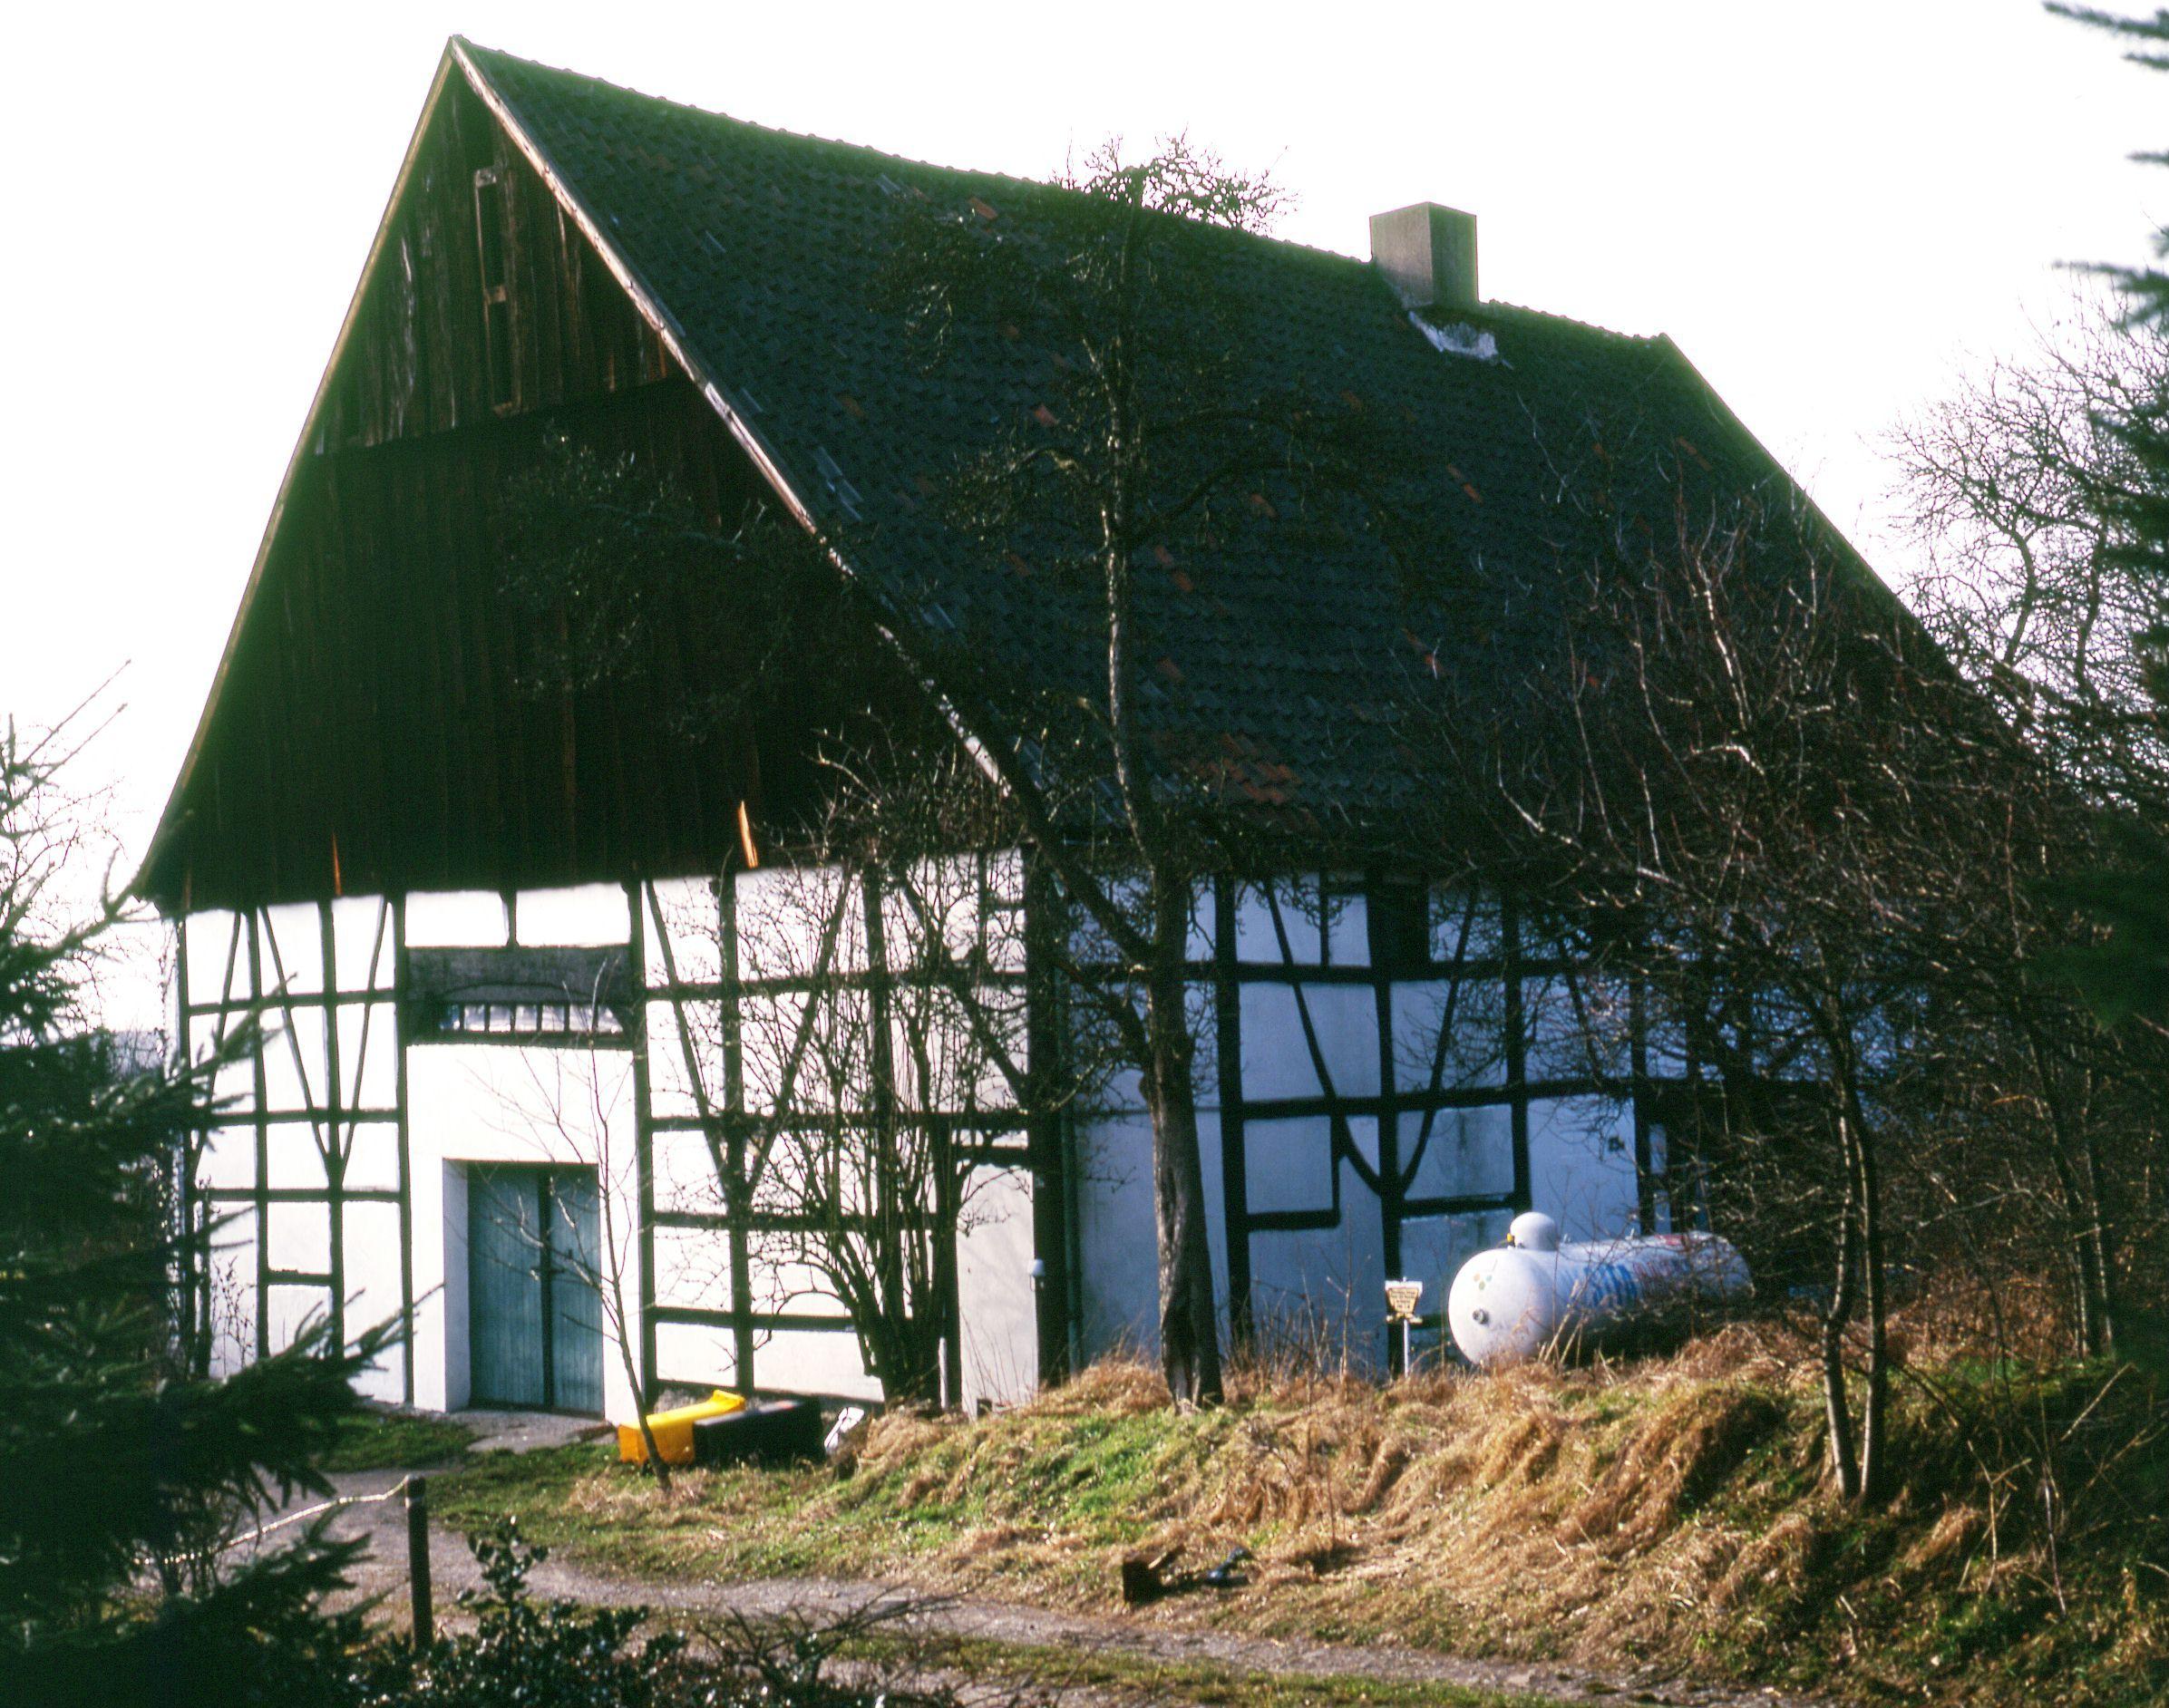 duesterstrasse-ehemaliger-hof-niederste-beulmann-bochum-stiepel